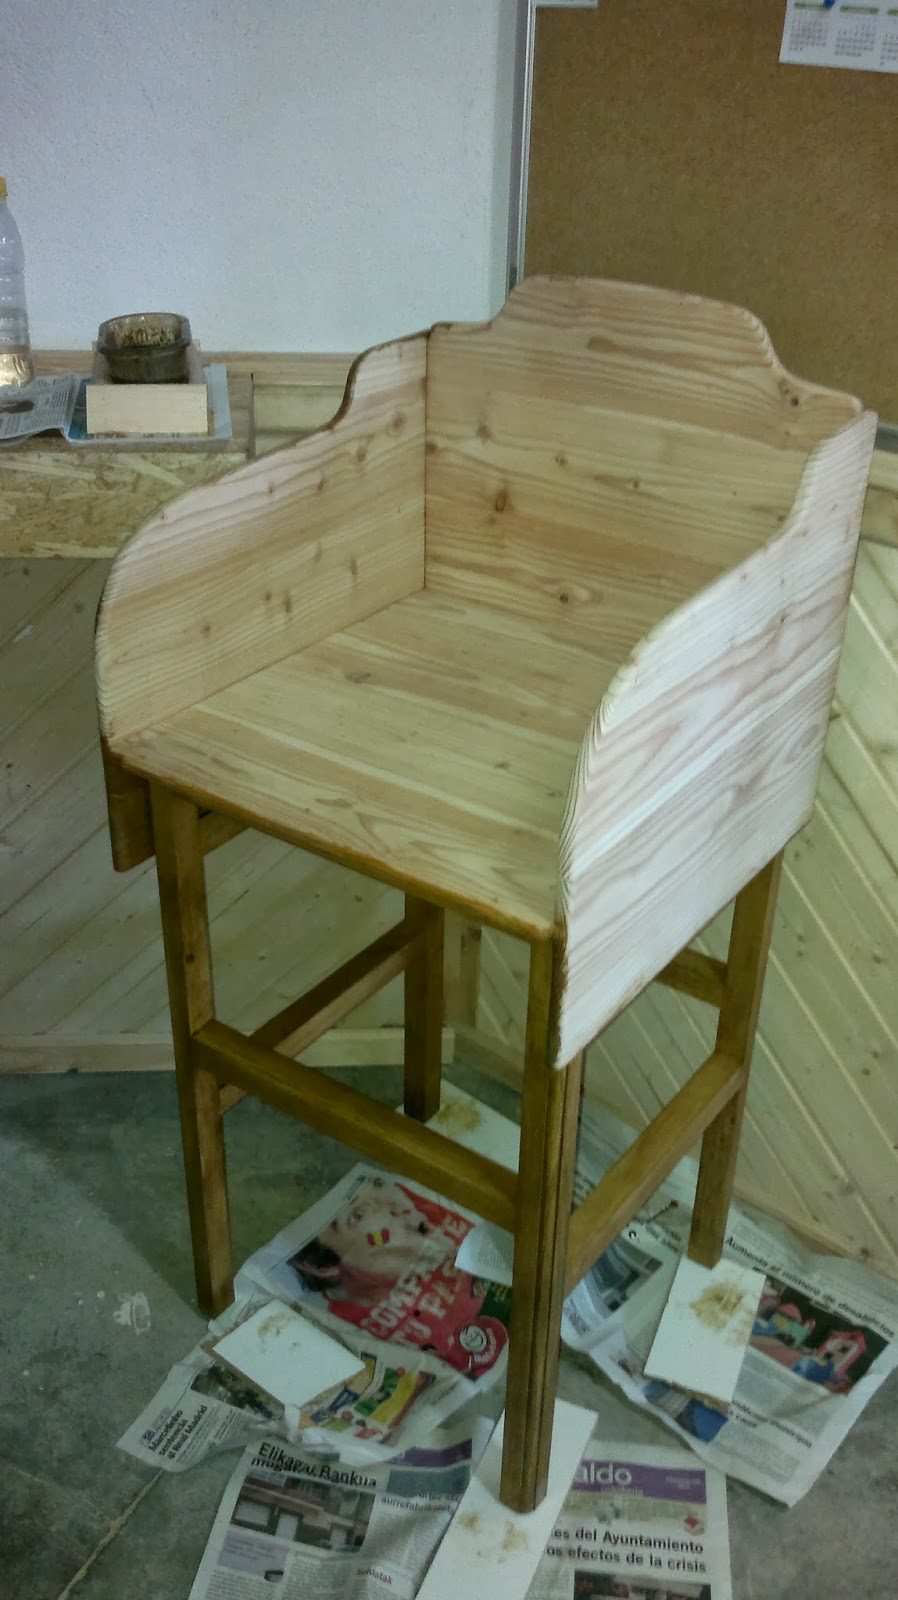 Bricolaje y carpinter a de madera curso instalacion de for Muebles para aulas